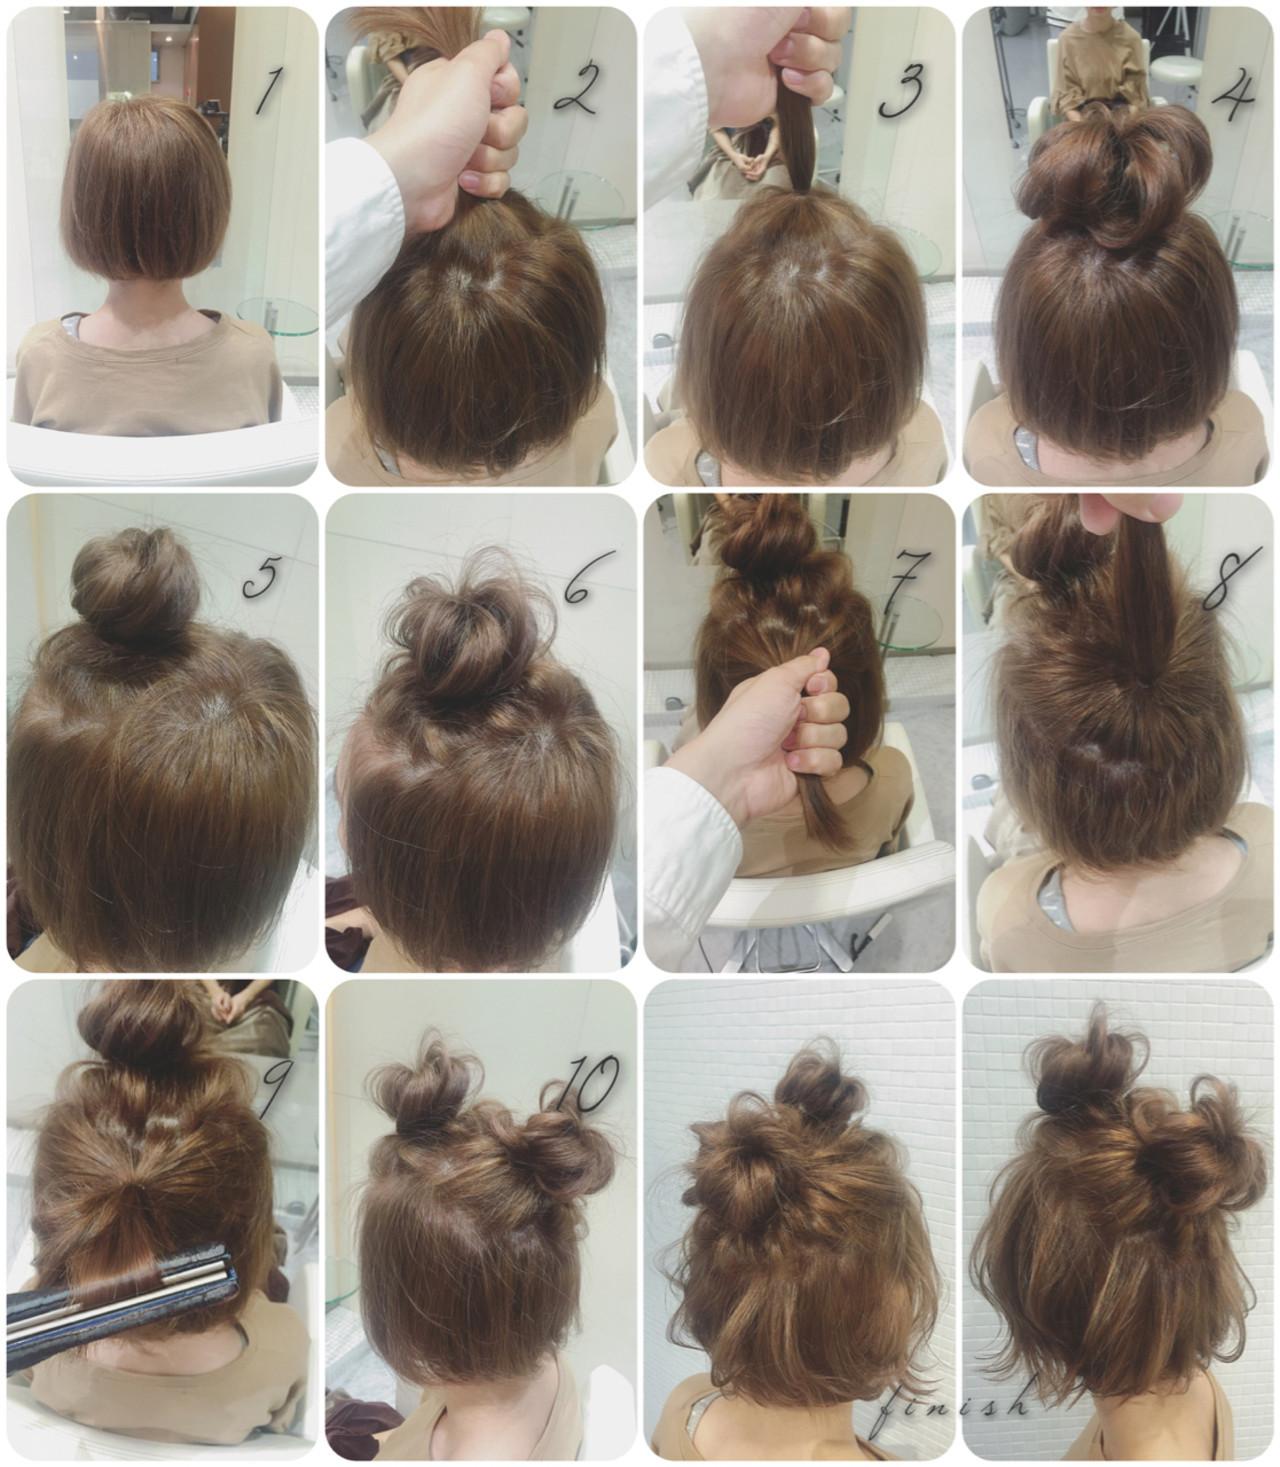 簡単ヘアアレンジ中学生向けの髪型 takashi cawamura